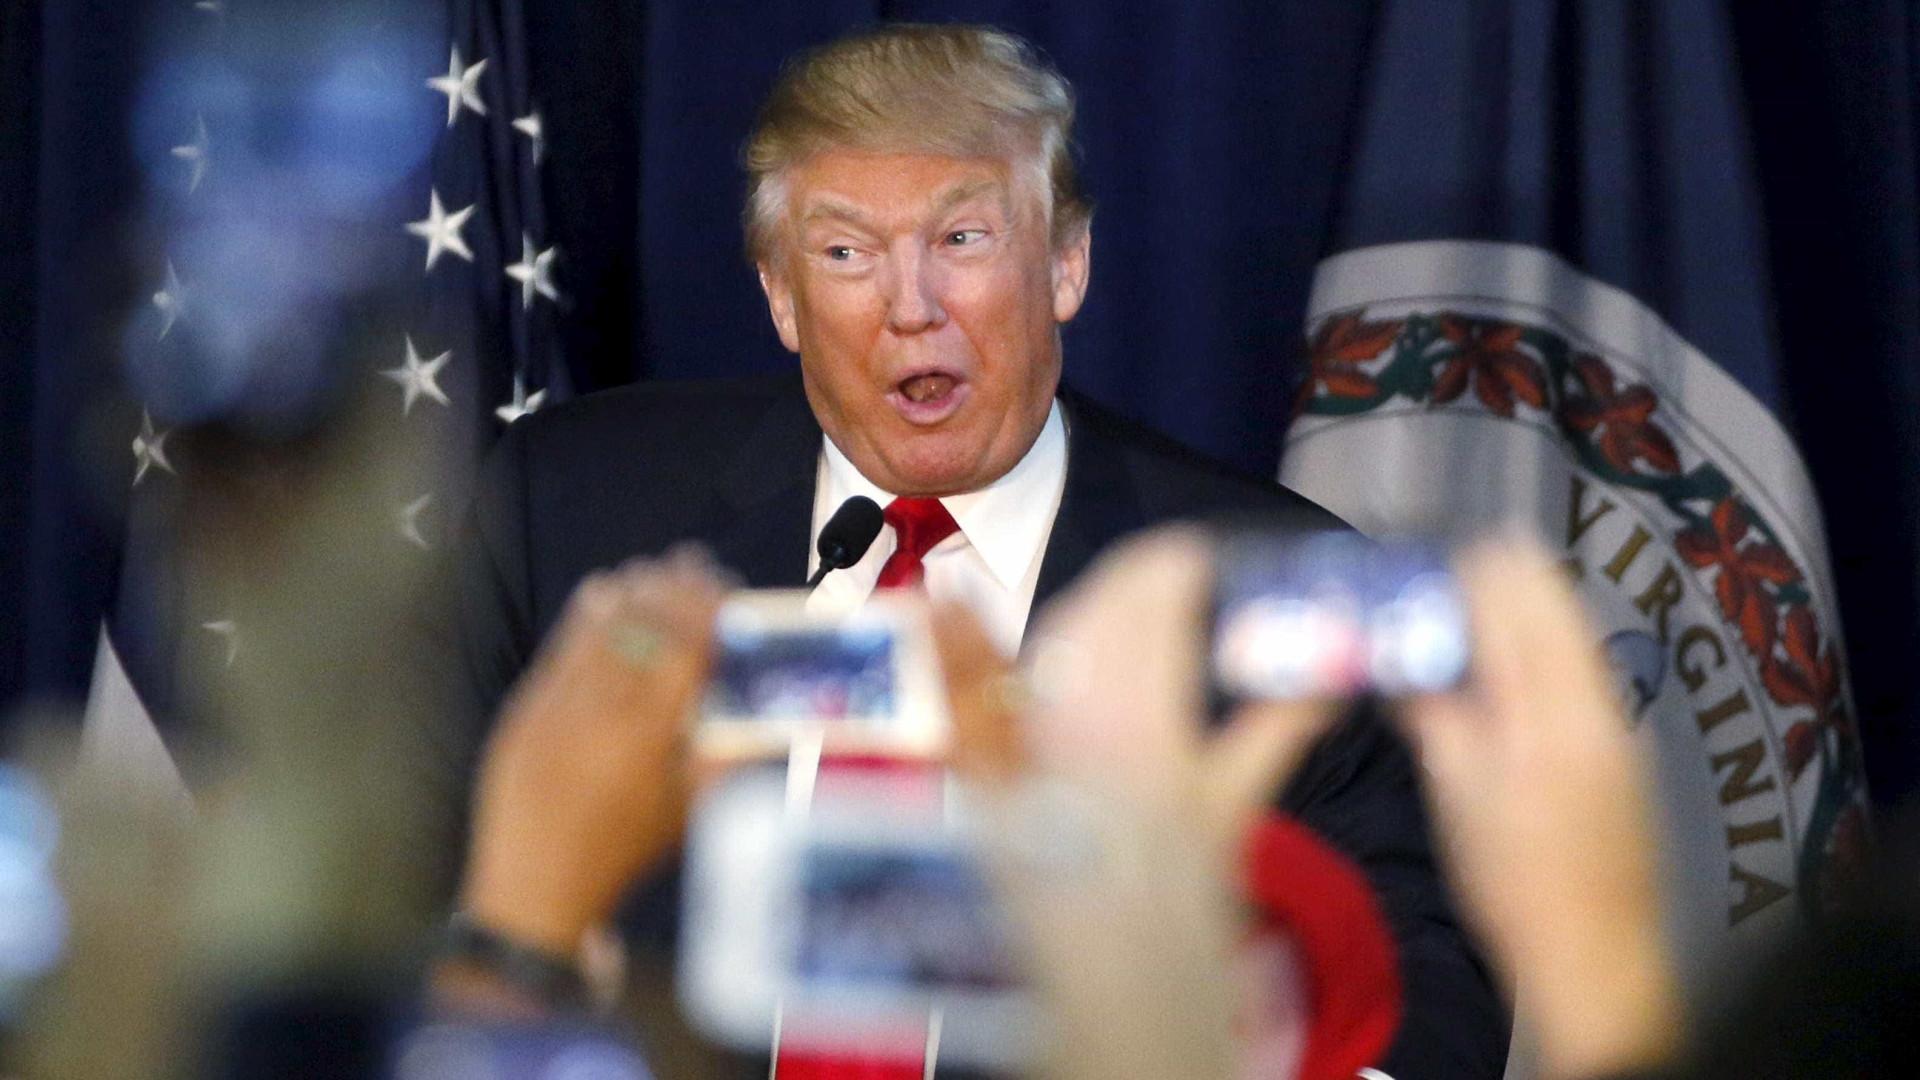 Saiba quem é Donald Trump, eleito presidente dos EUA